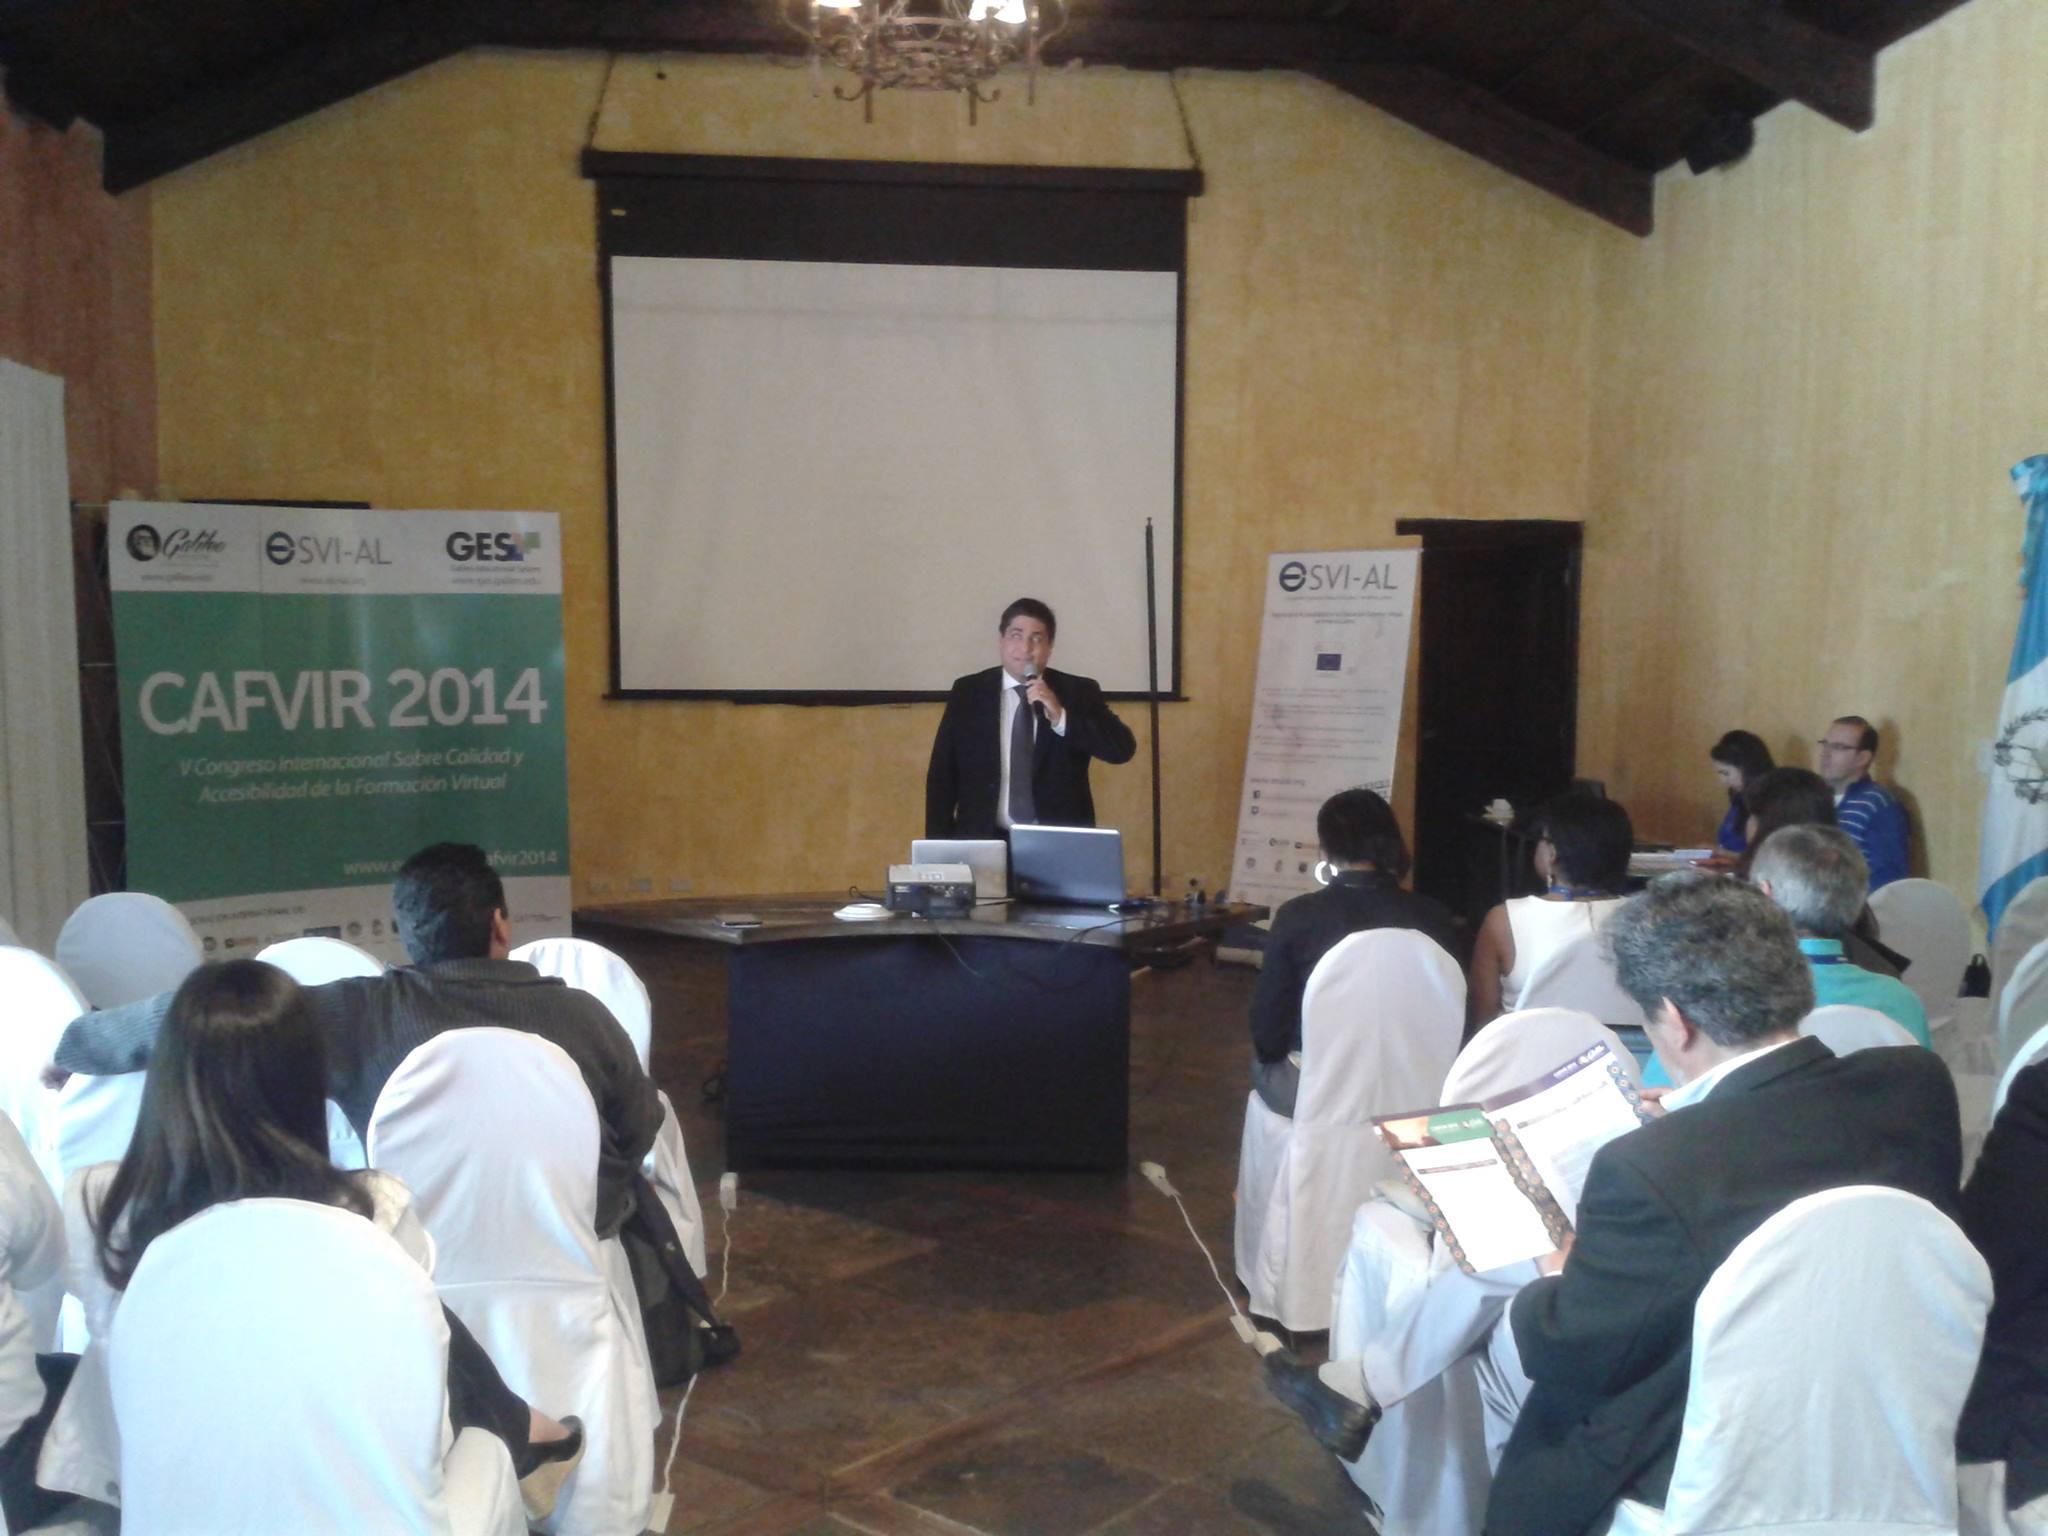 Presentación de experiencia de ULAC en cursos organizados por ESVI-AL por parte de José Viera